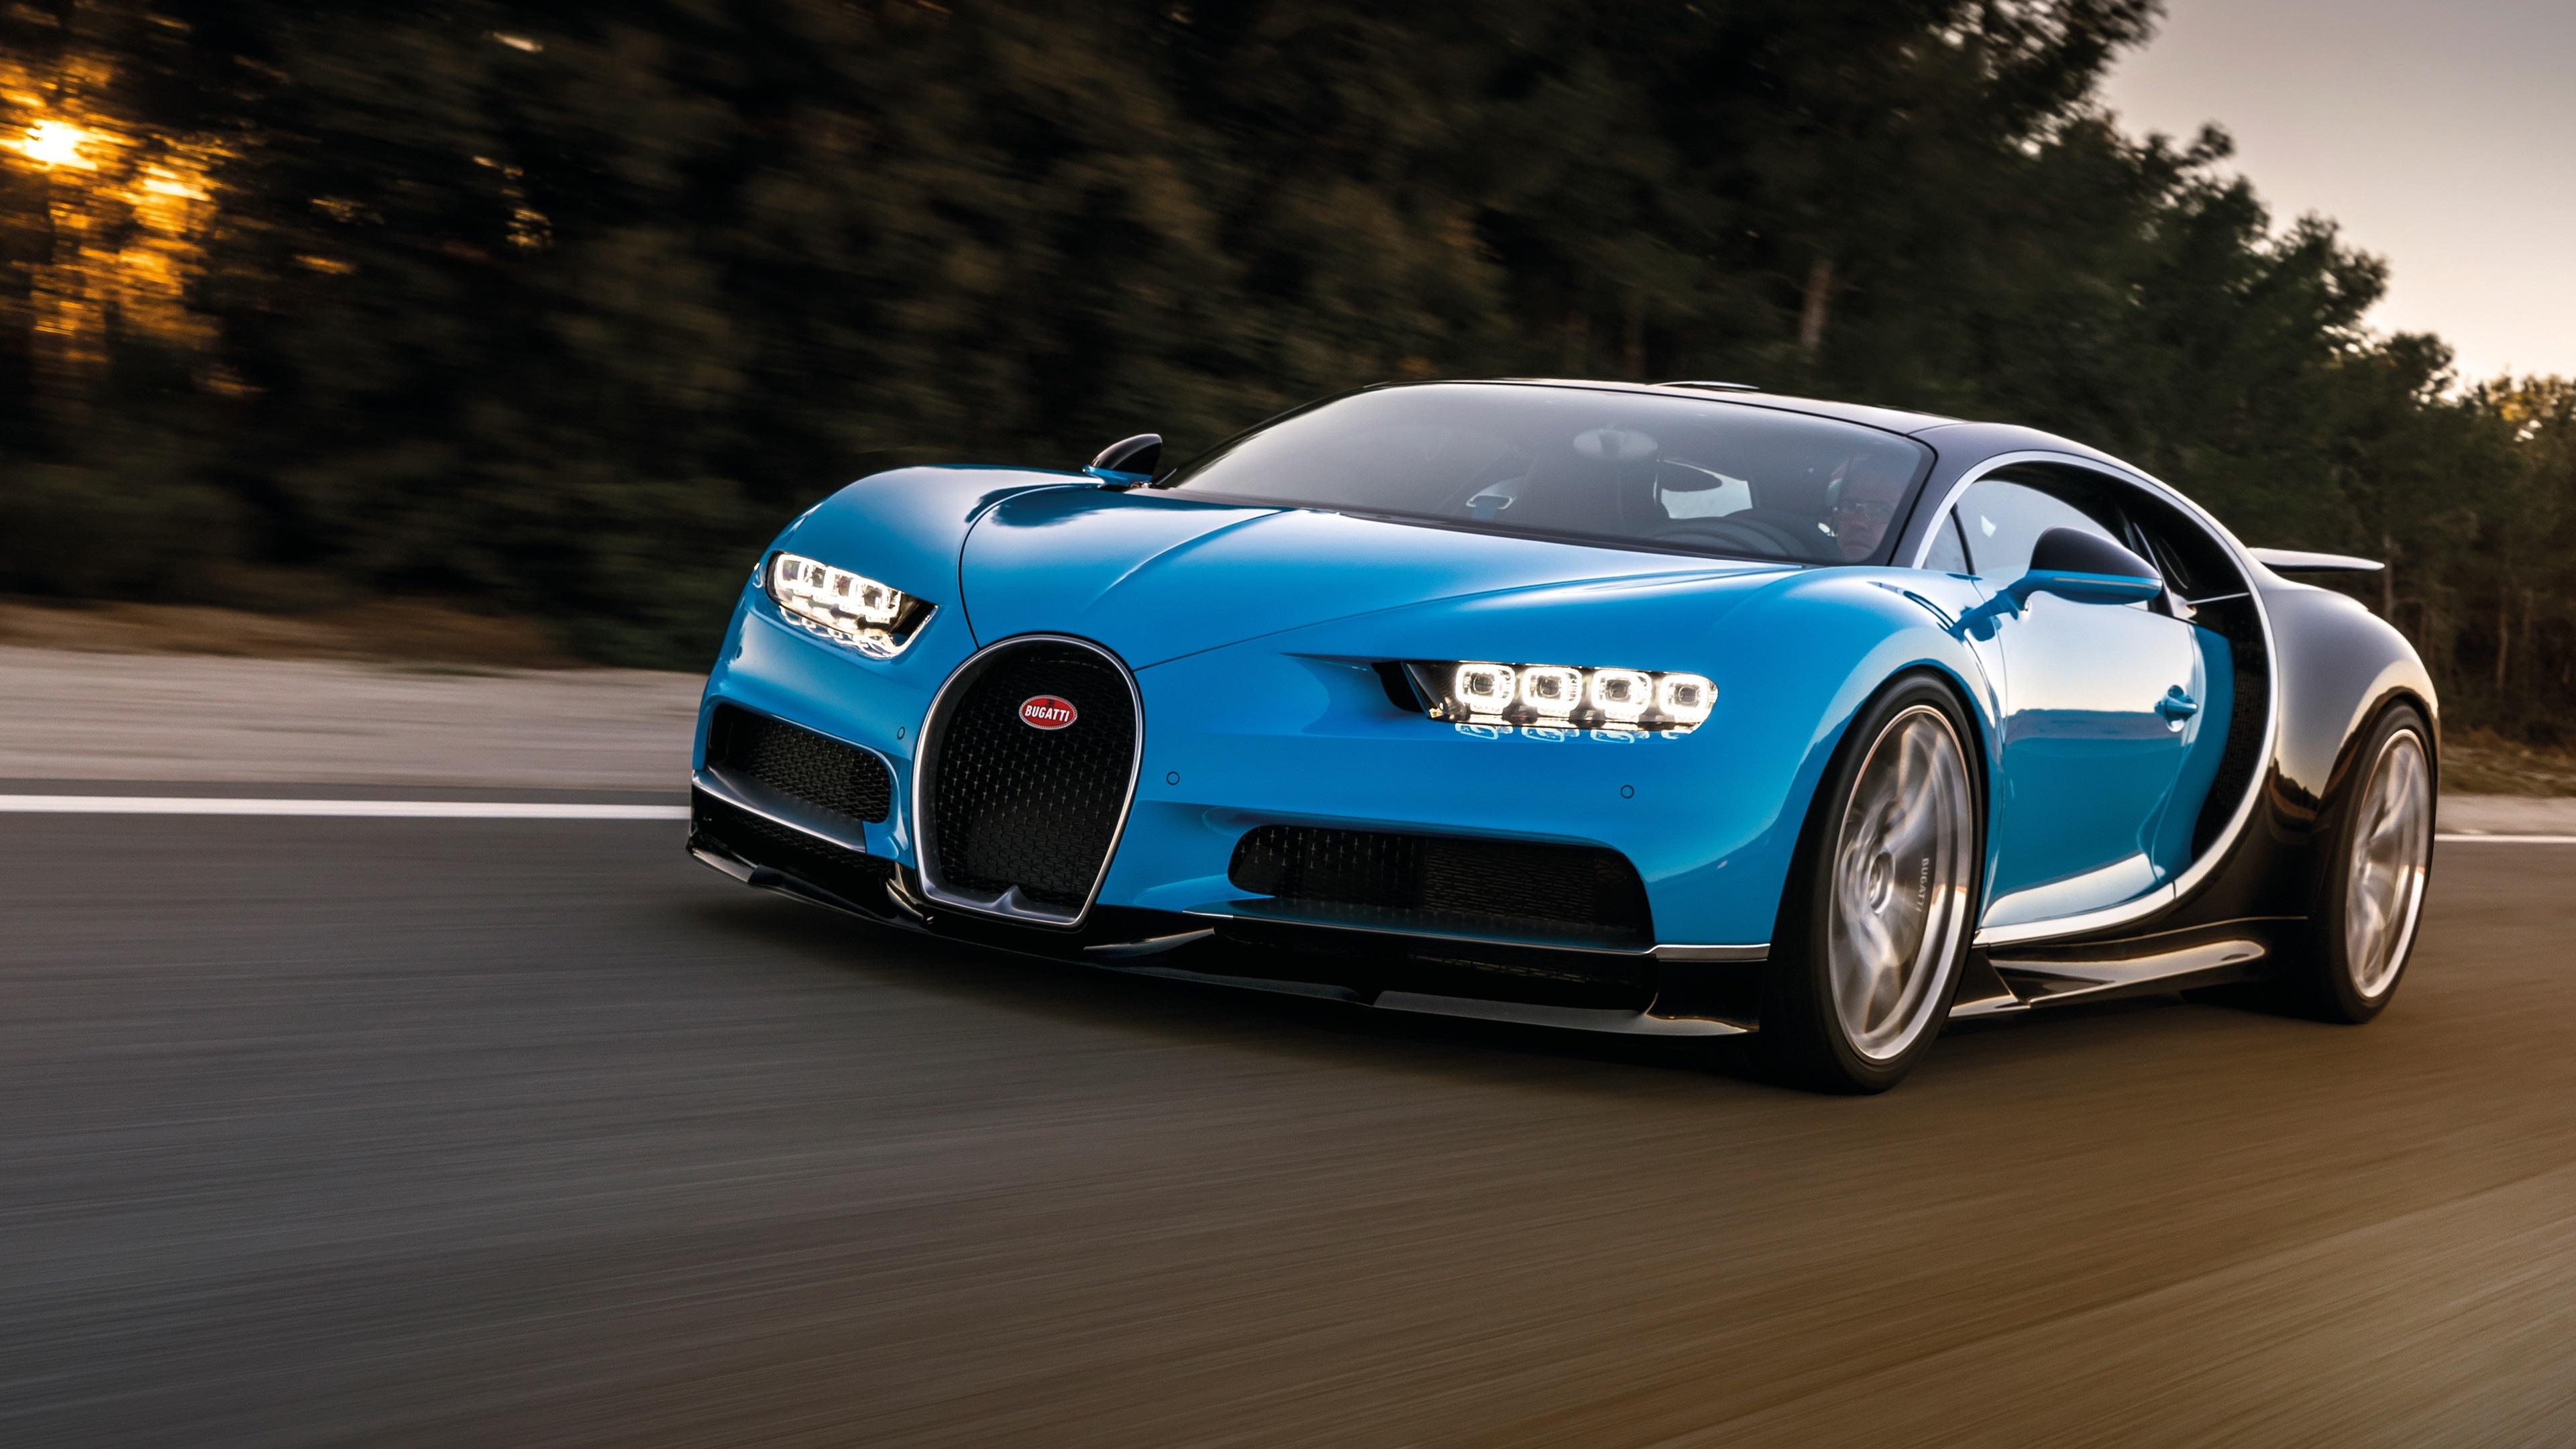 蓝凯龙布加迪超级跑车的速度